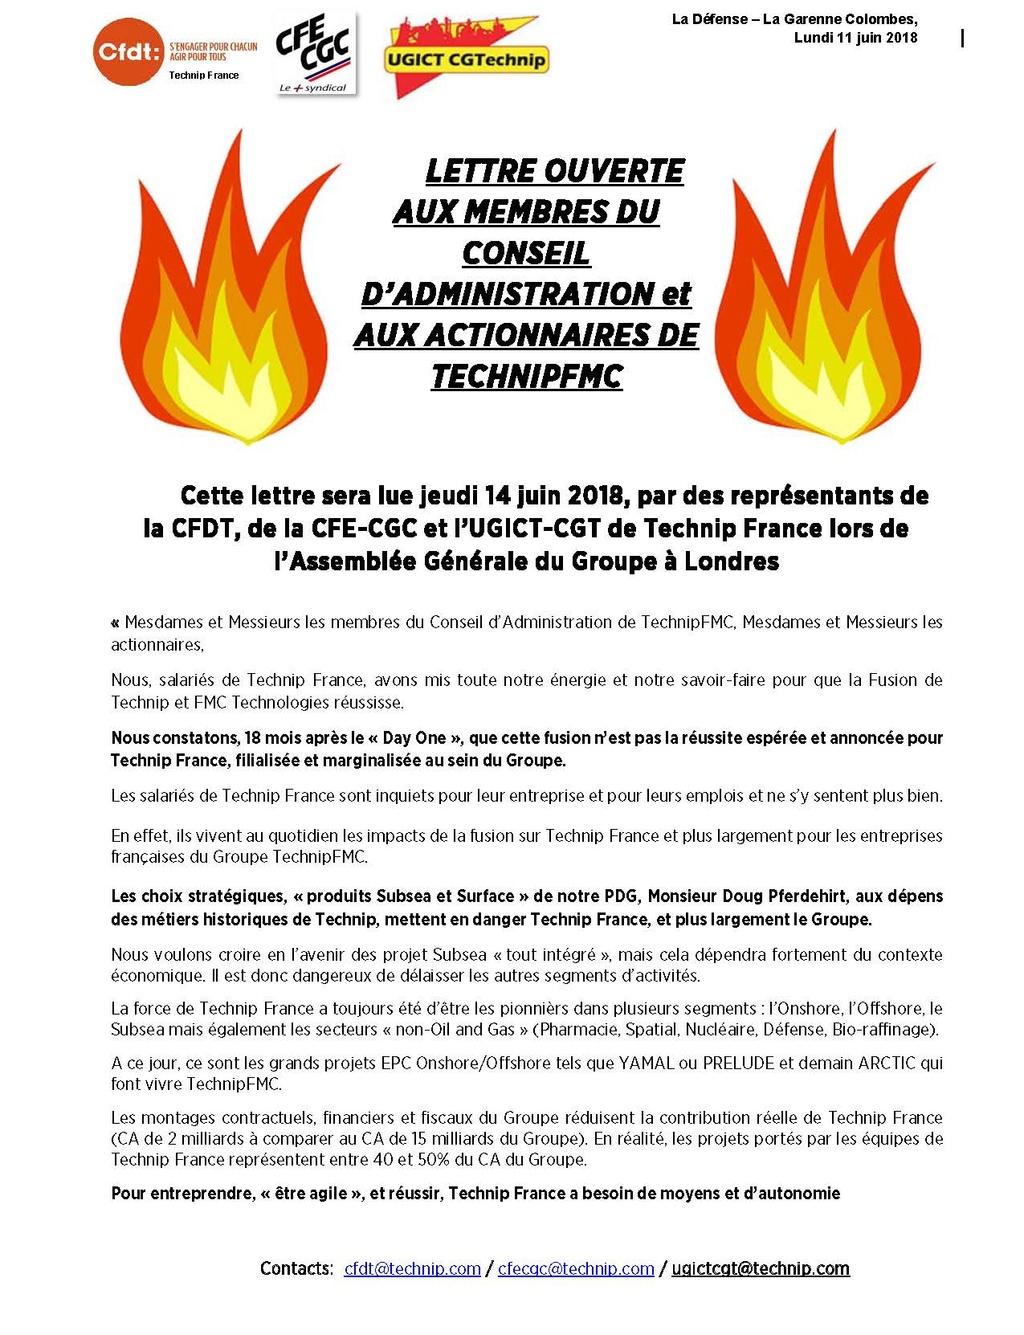 (2018-06-11) - LETTRE OUVERTE AUX MEMBRES DU CONSEIL D'ADMINISTRATION et AUX ACTIONNAIRES DE TECHNIPFMC Tract_11